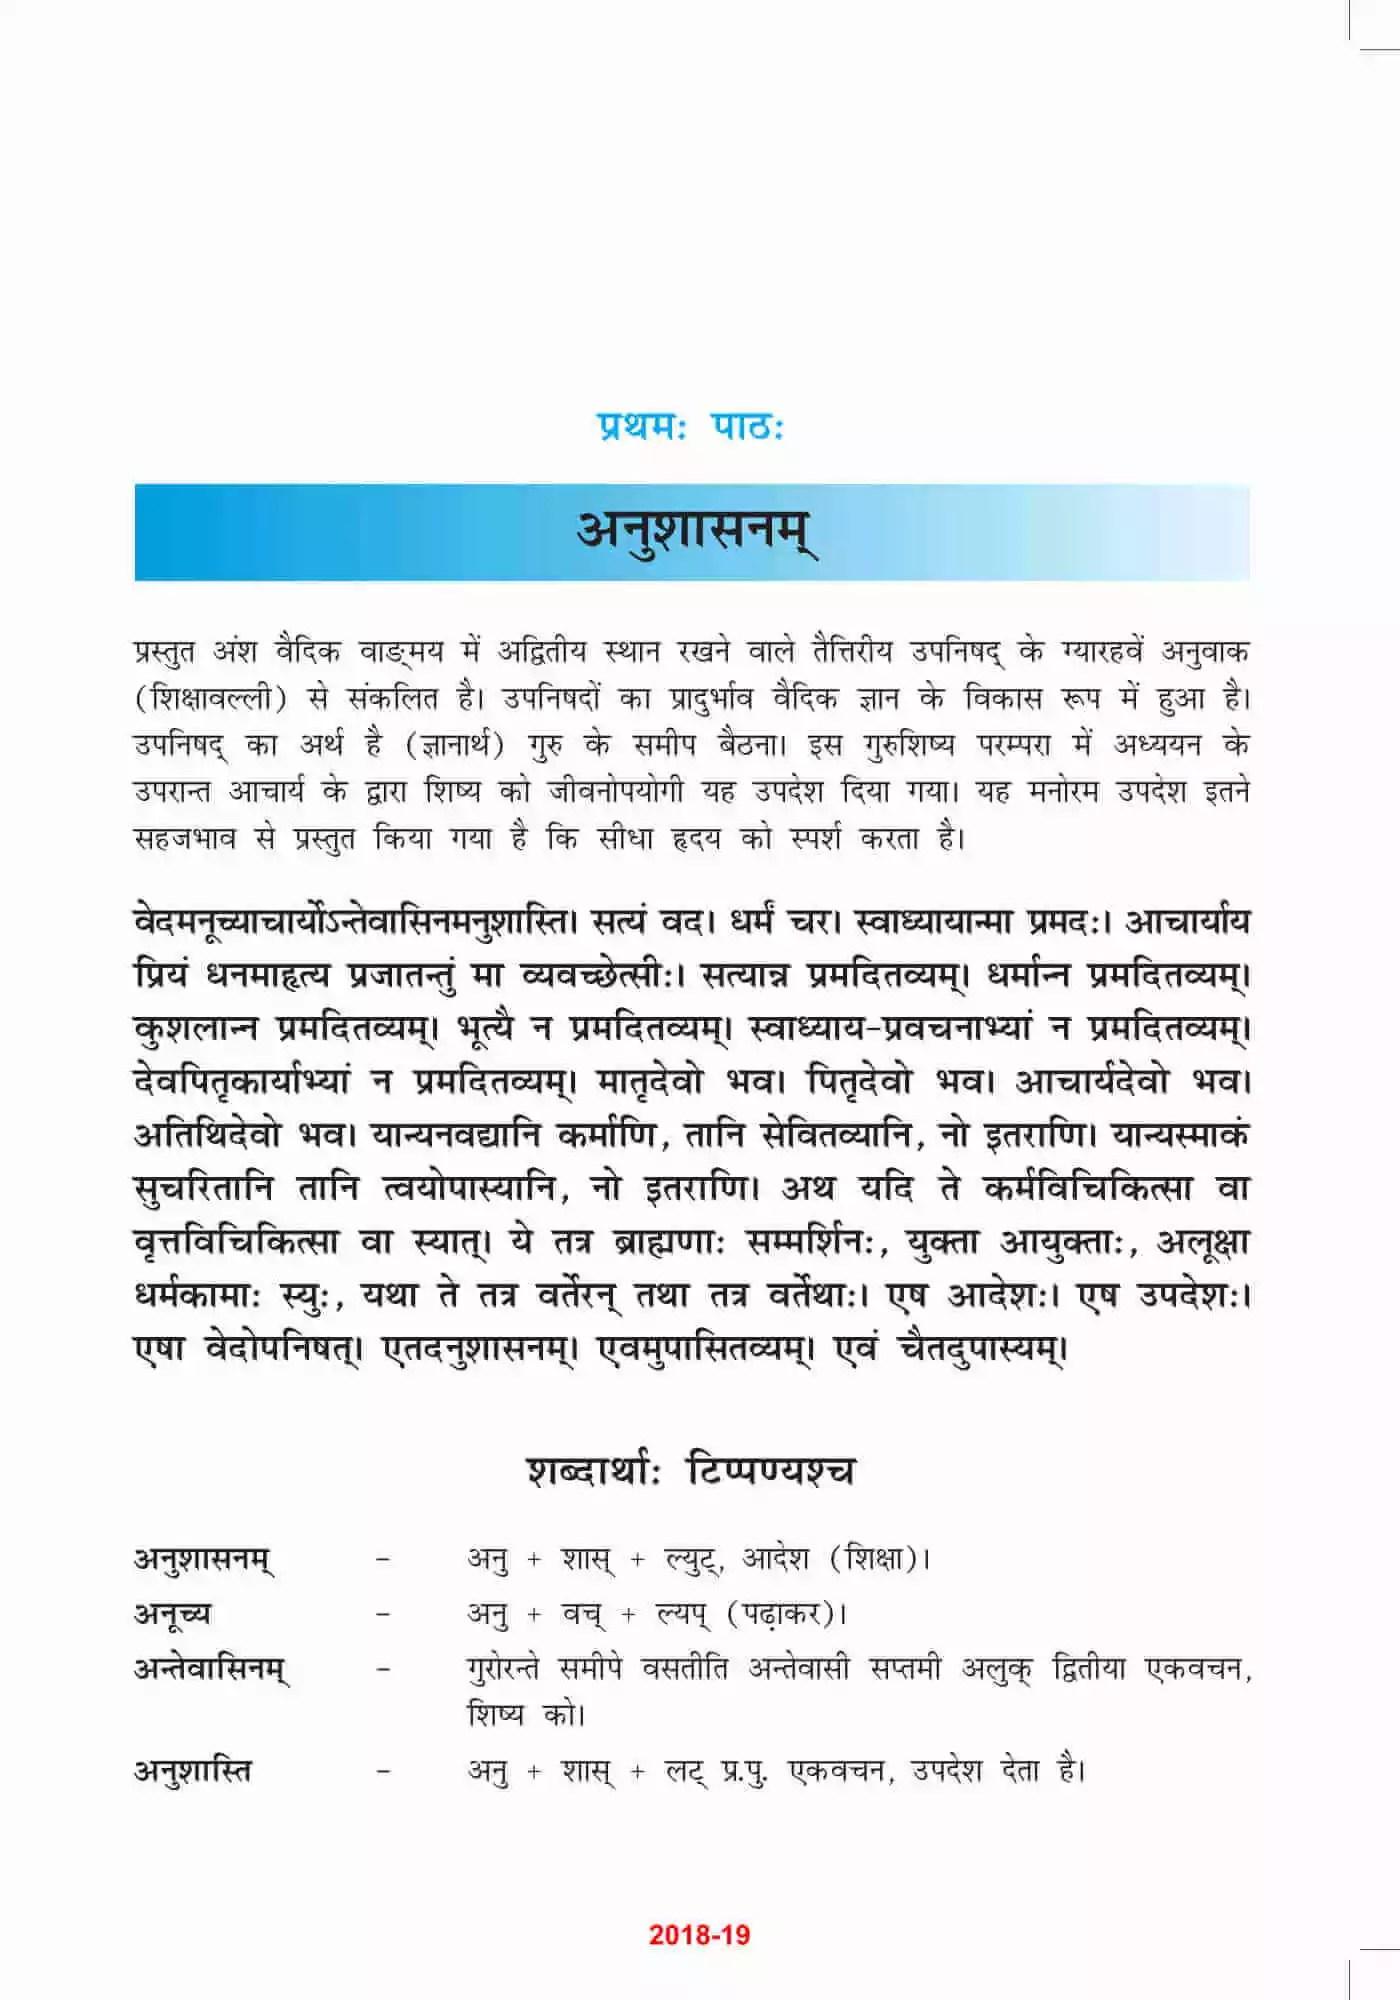 NCERT Solutions For Class 12 Sanskrit Bhaswati Chapter 1